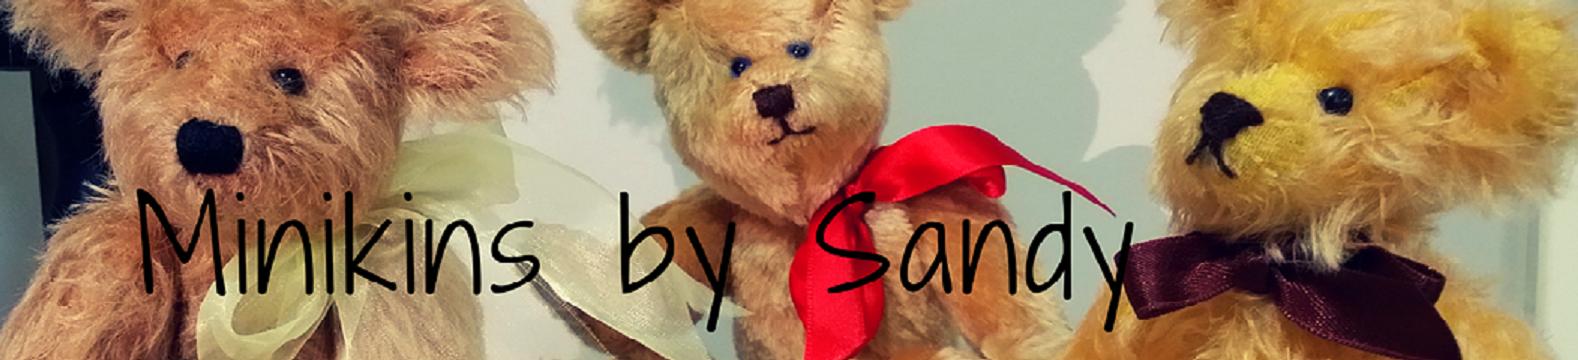 Minikins by Sandy